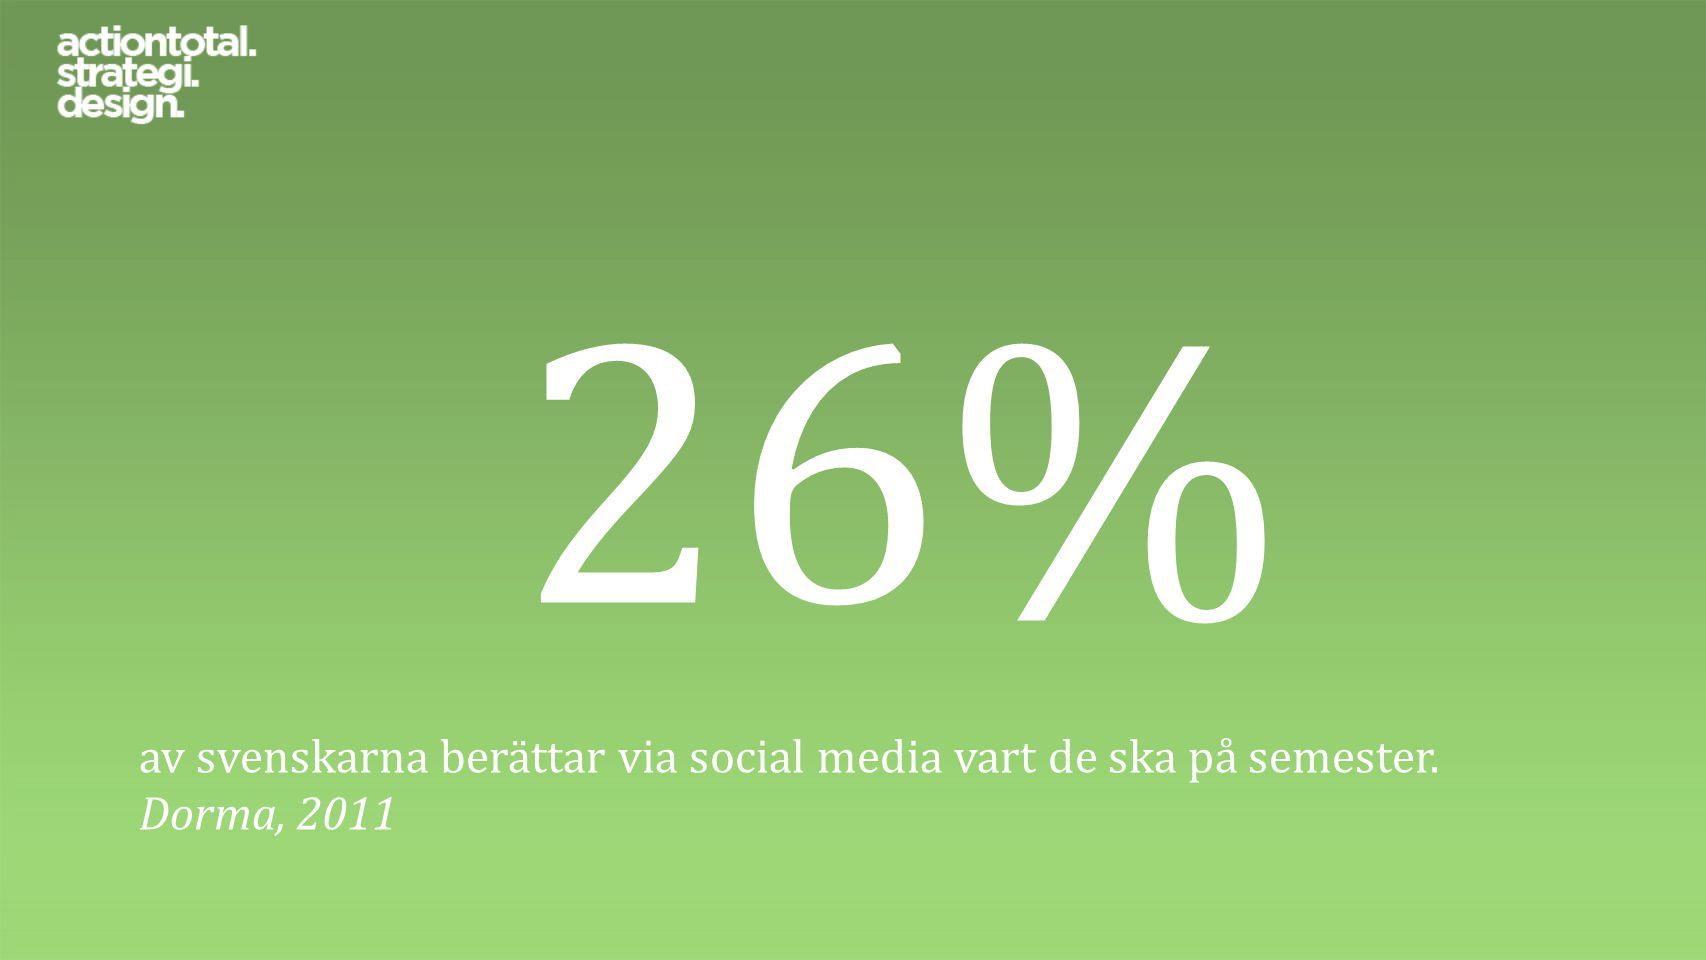 38% av svenskarna har minst en gång laddat upp ett foto till social media via sin mobiltelefon.